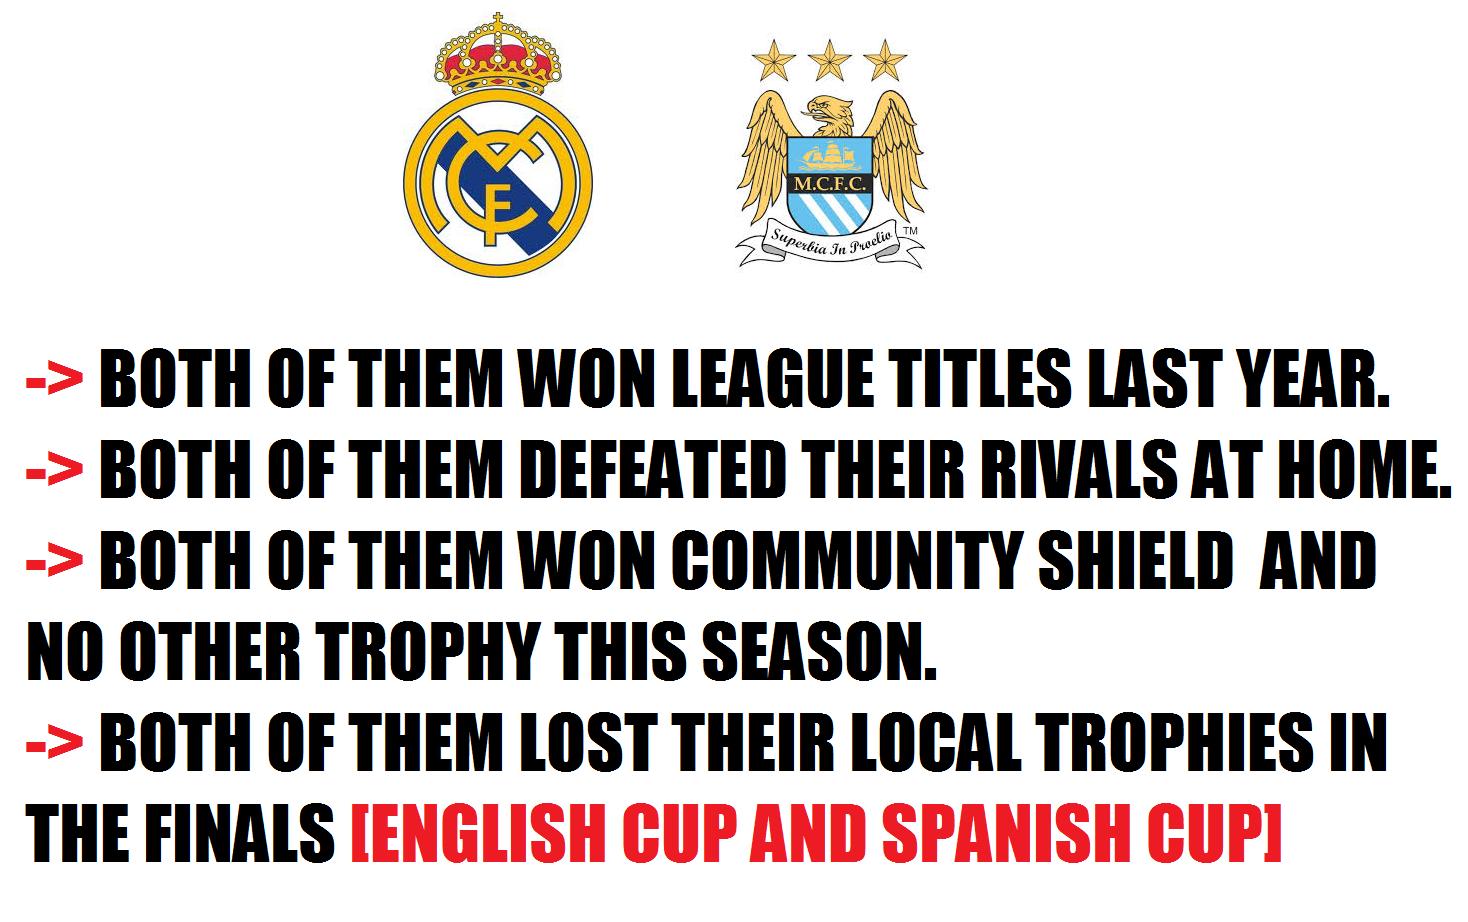 Họ cùng giành chức vô địch mùa trước, cùng giành siêu cúp đầu mùa, cùng giành quyền vào chơi trận chung kết cúp QG và cùng... trắng tay